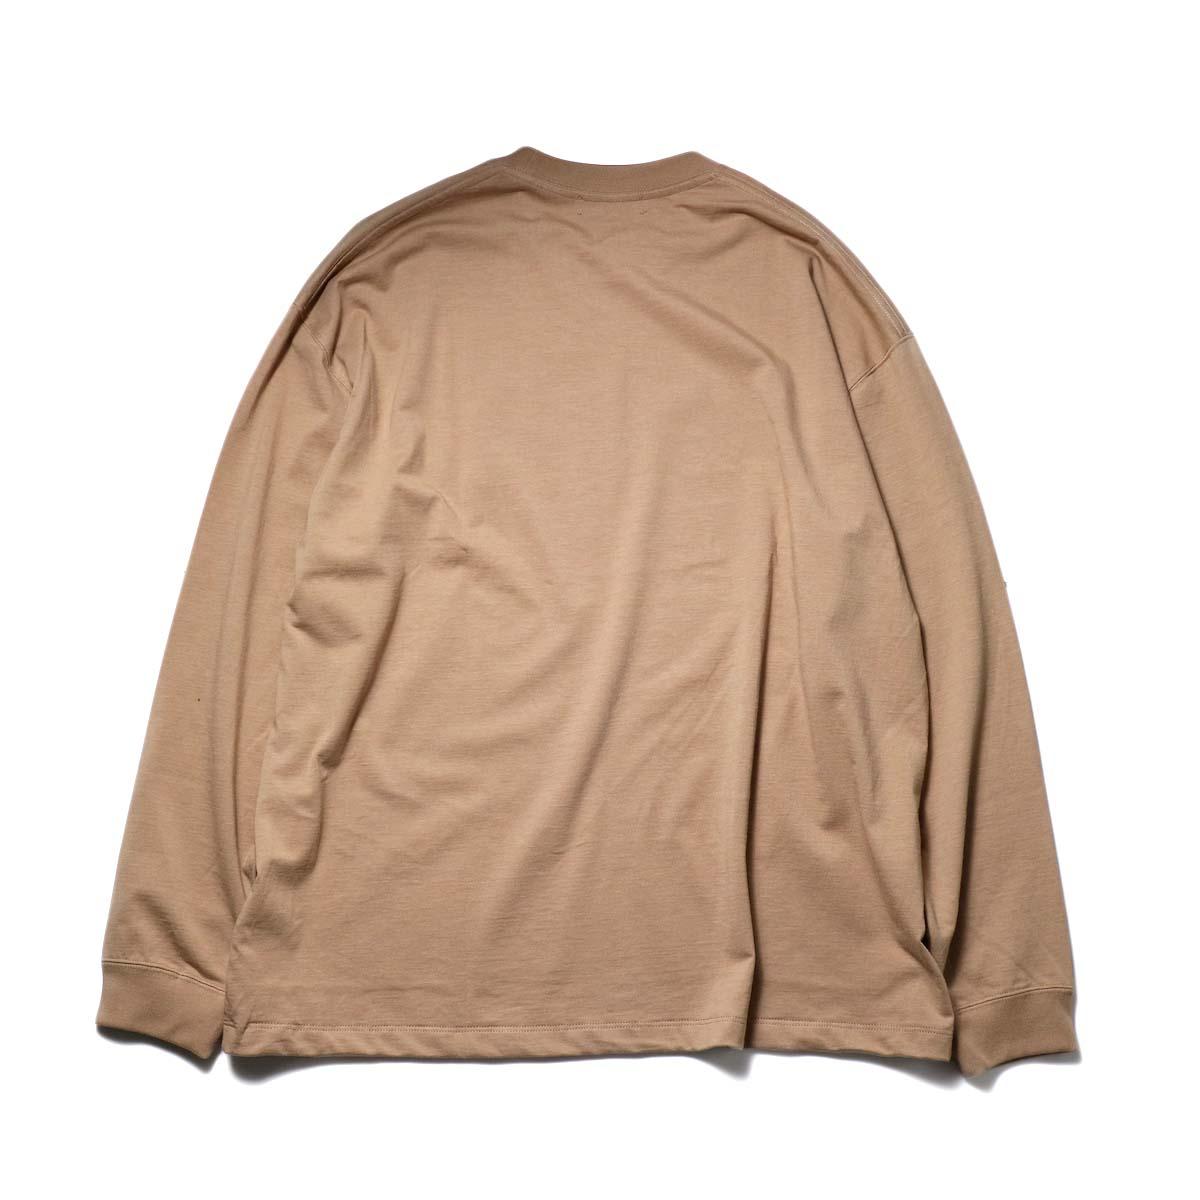 alvana / TANGUIS L/S TEE SHIRTS (Light Brown)背面